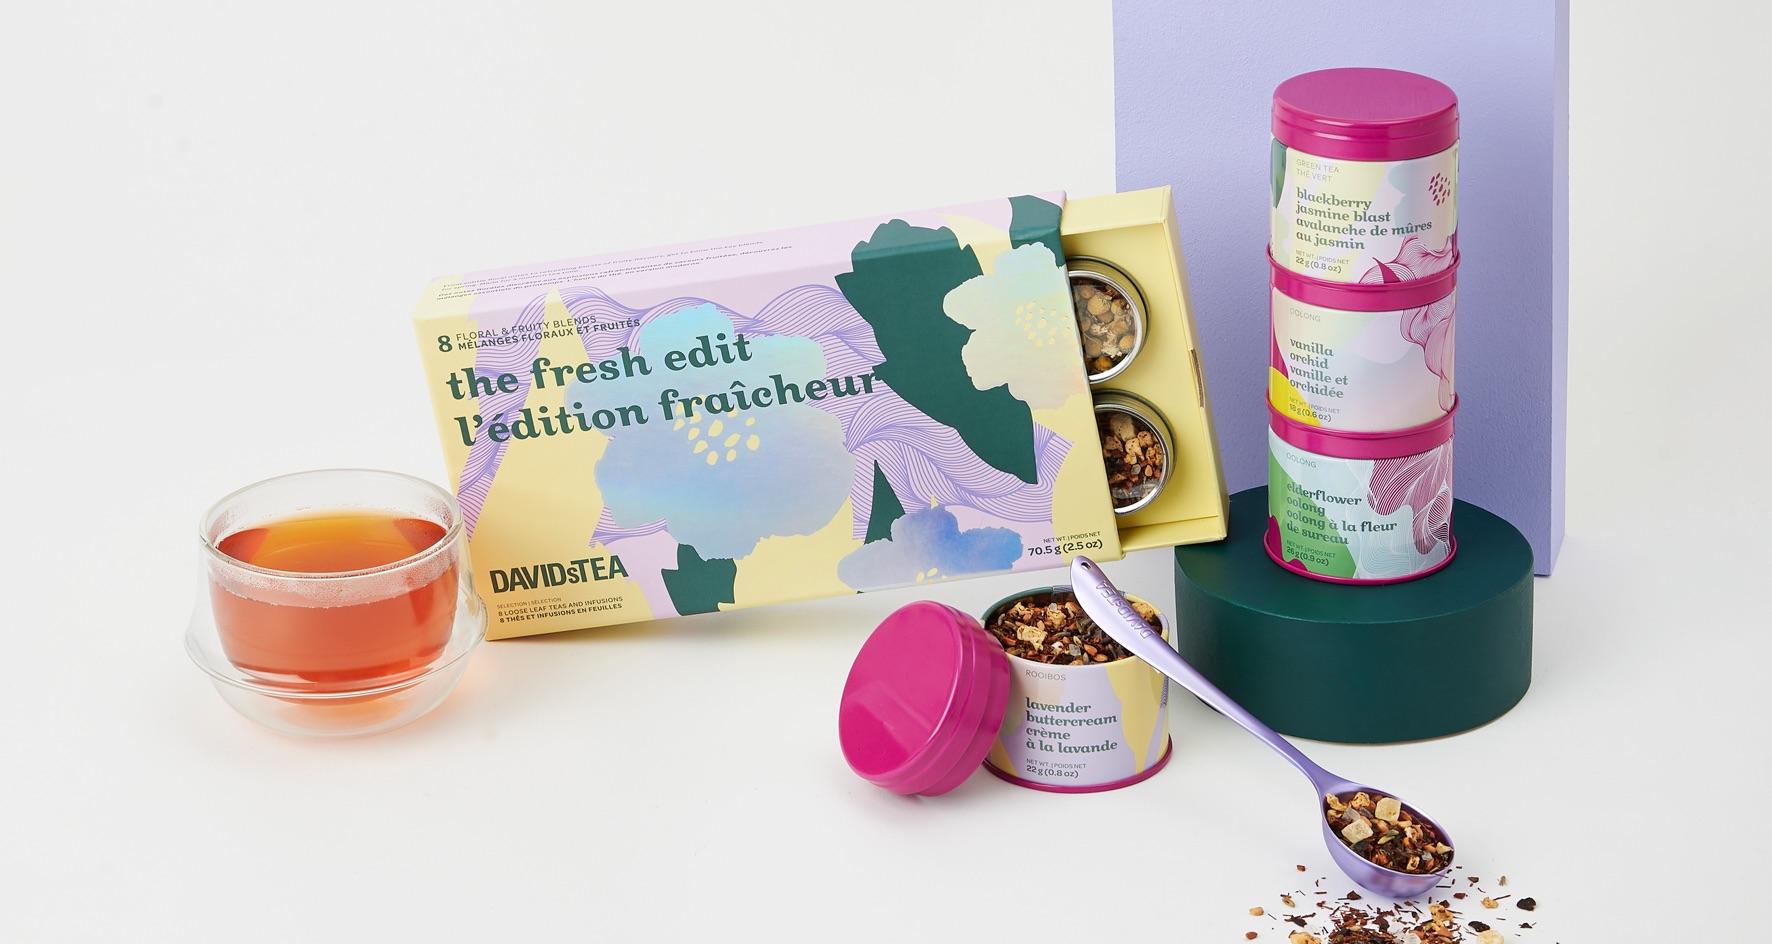 Ensemble-cadeau avec 8 thés en feuilles, boîtes à motif floral avec thé, cuillère violette, tasse en verre transparent avec thé.